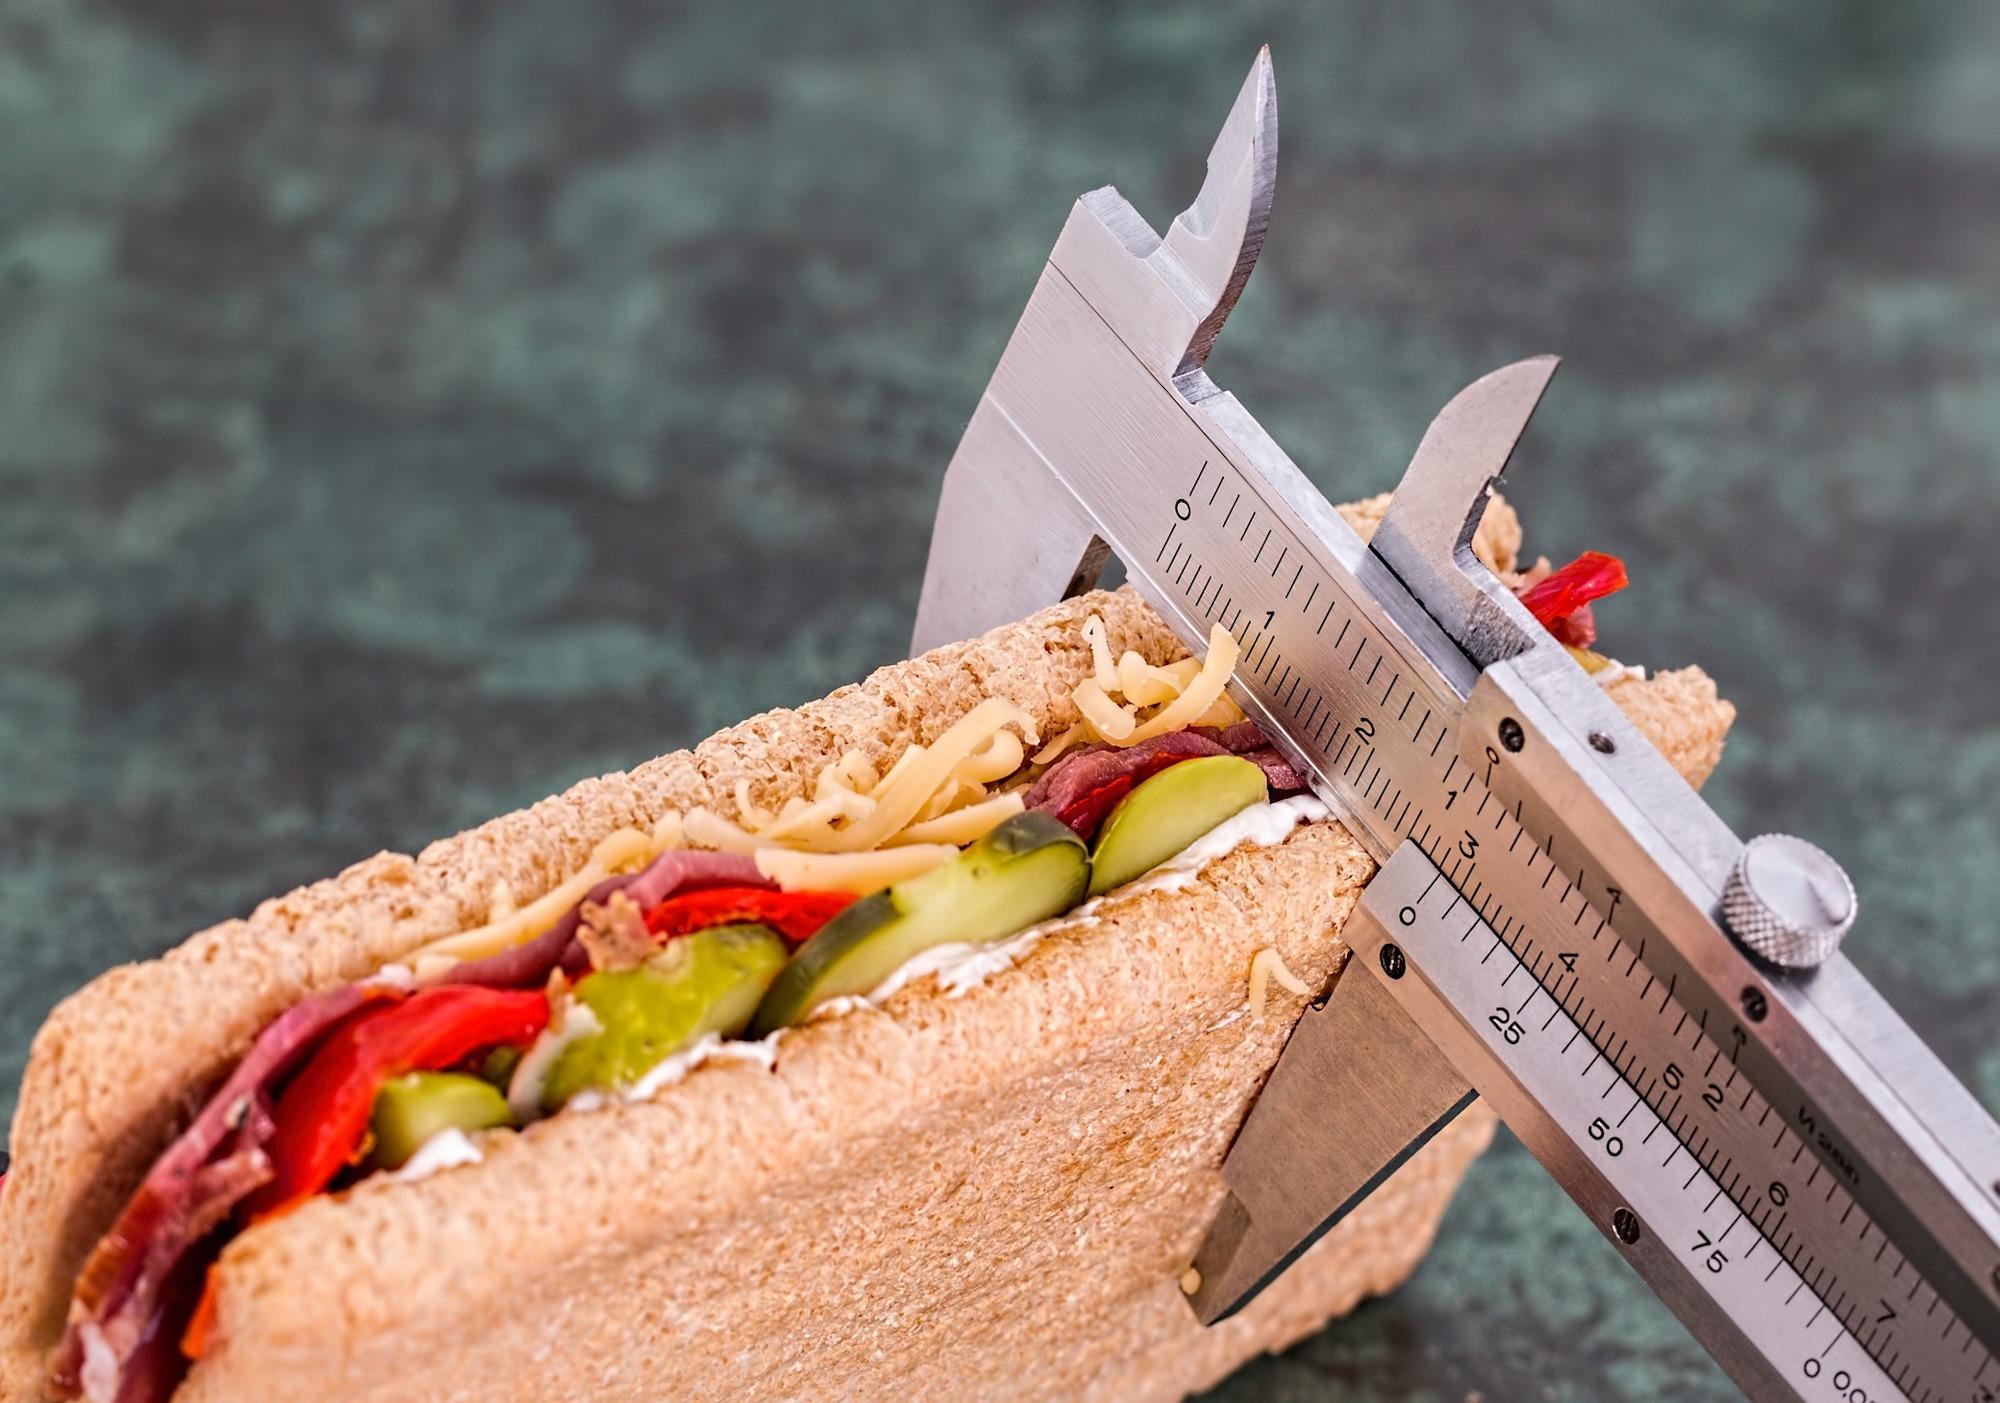 10-cose-da-fare-per-perdere-10-kg-in-modo-veloce-e-sicuro-basate-sulla-scienza